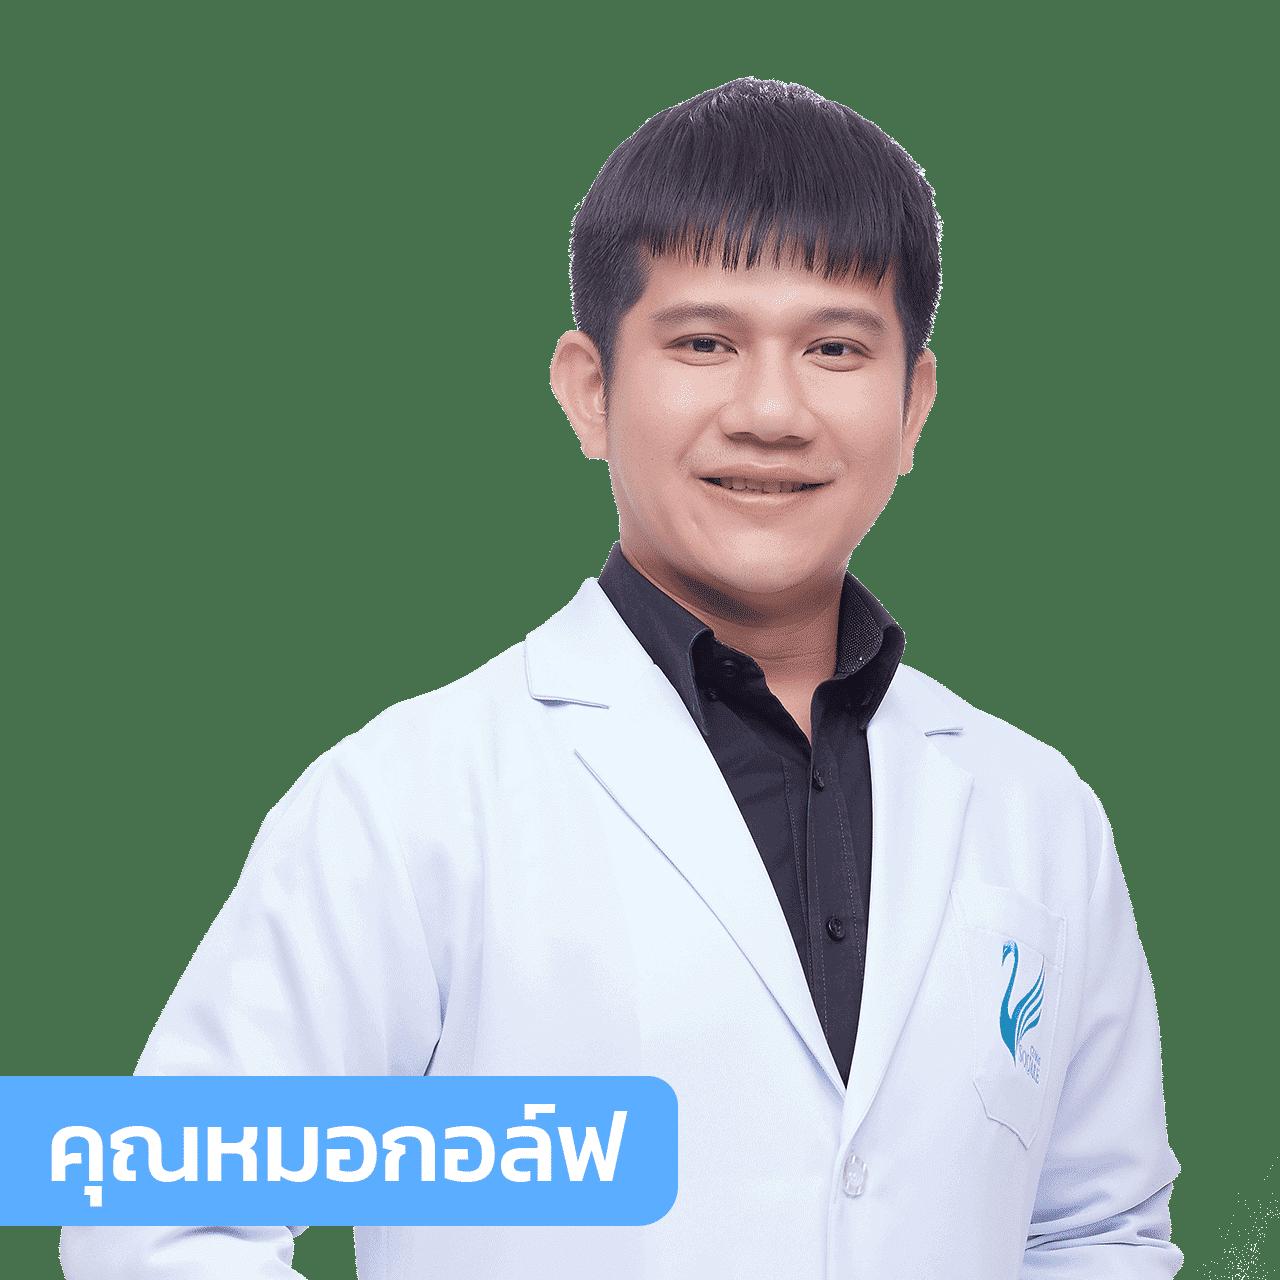 vsqclinic-หมอกอล์ฟ